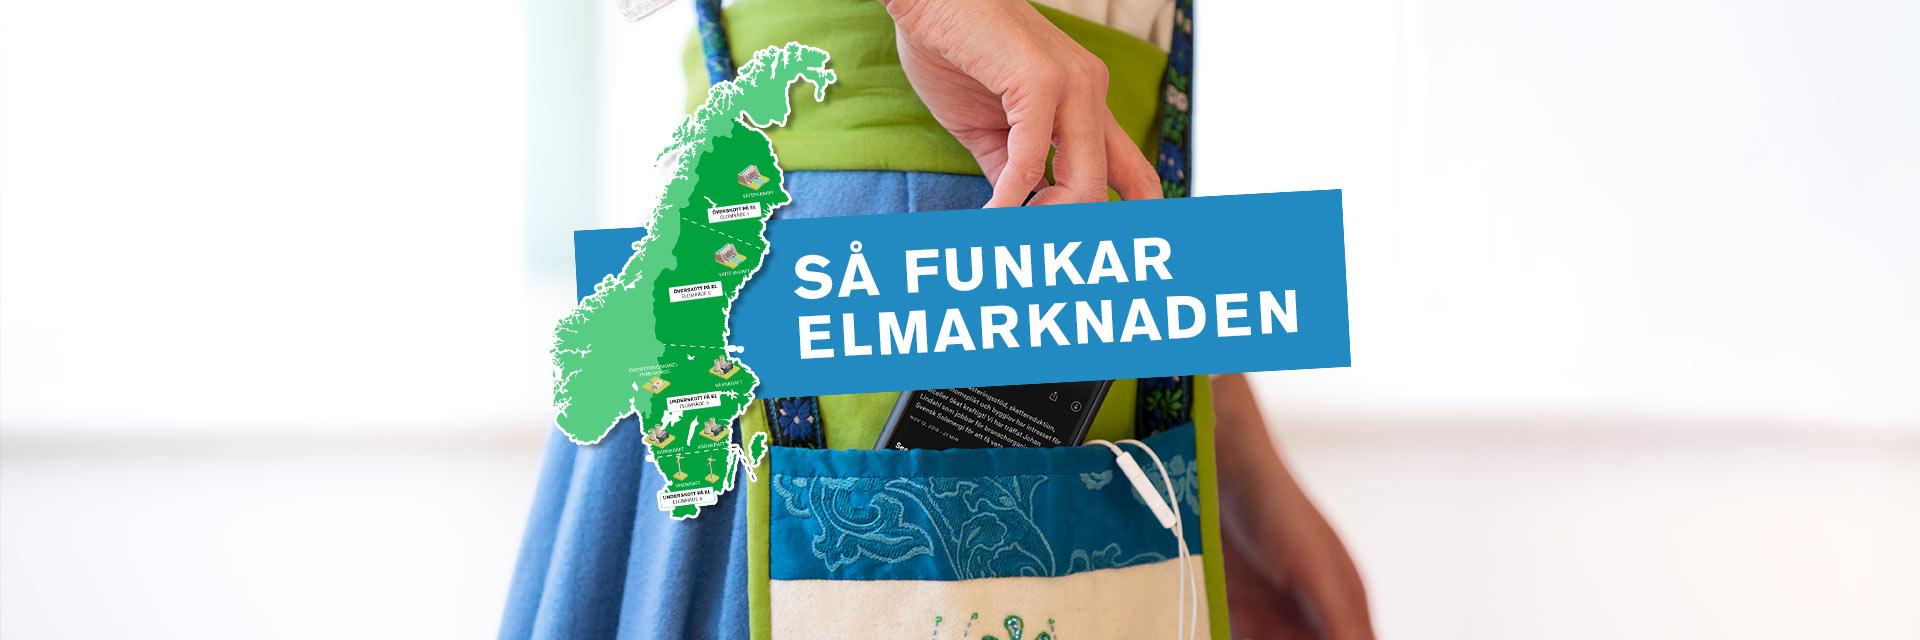 Så funkar Sveriges elområden